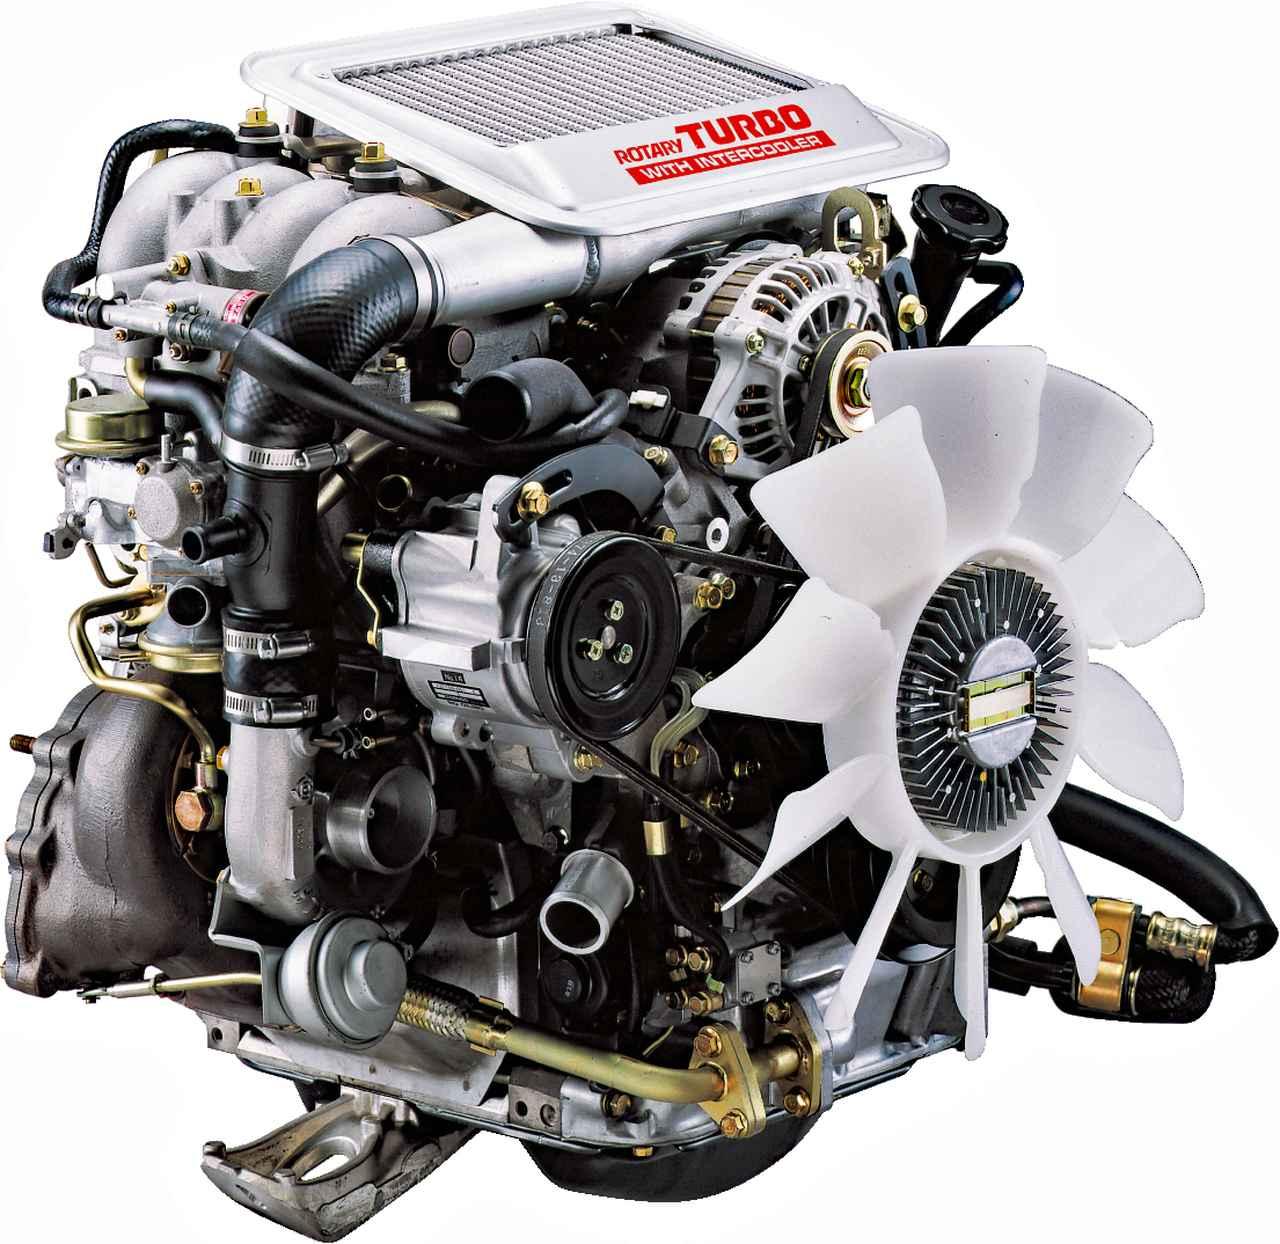 画像: レシプロに比べるとコンパクトなロータリーエンジン。直上にインタークーラーが備わる。